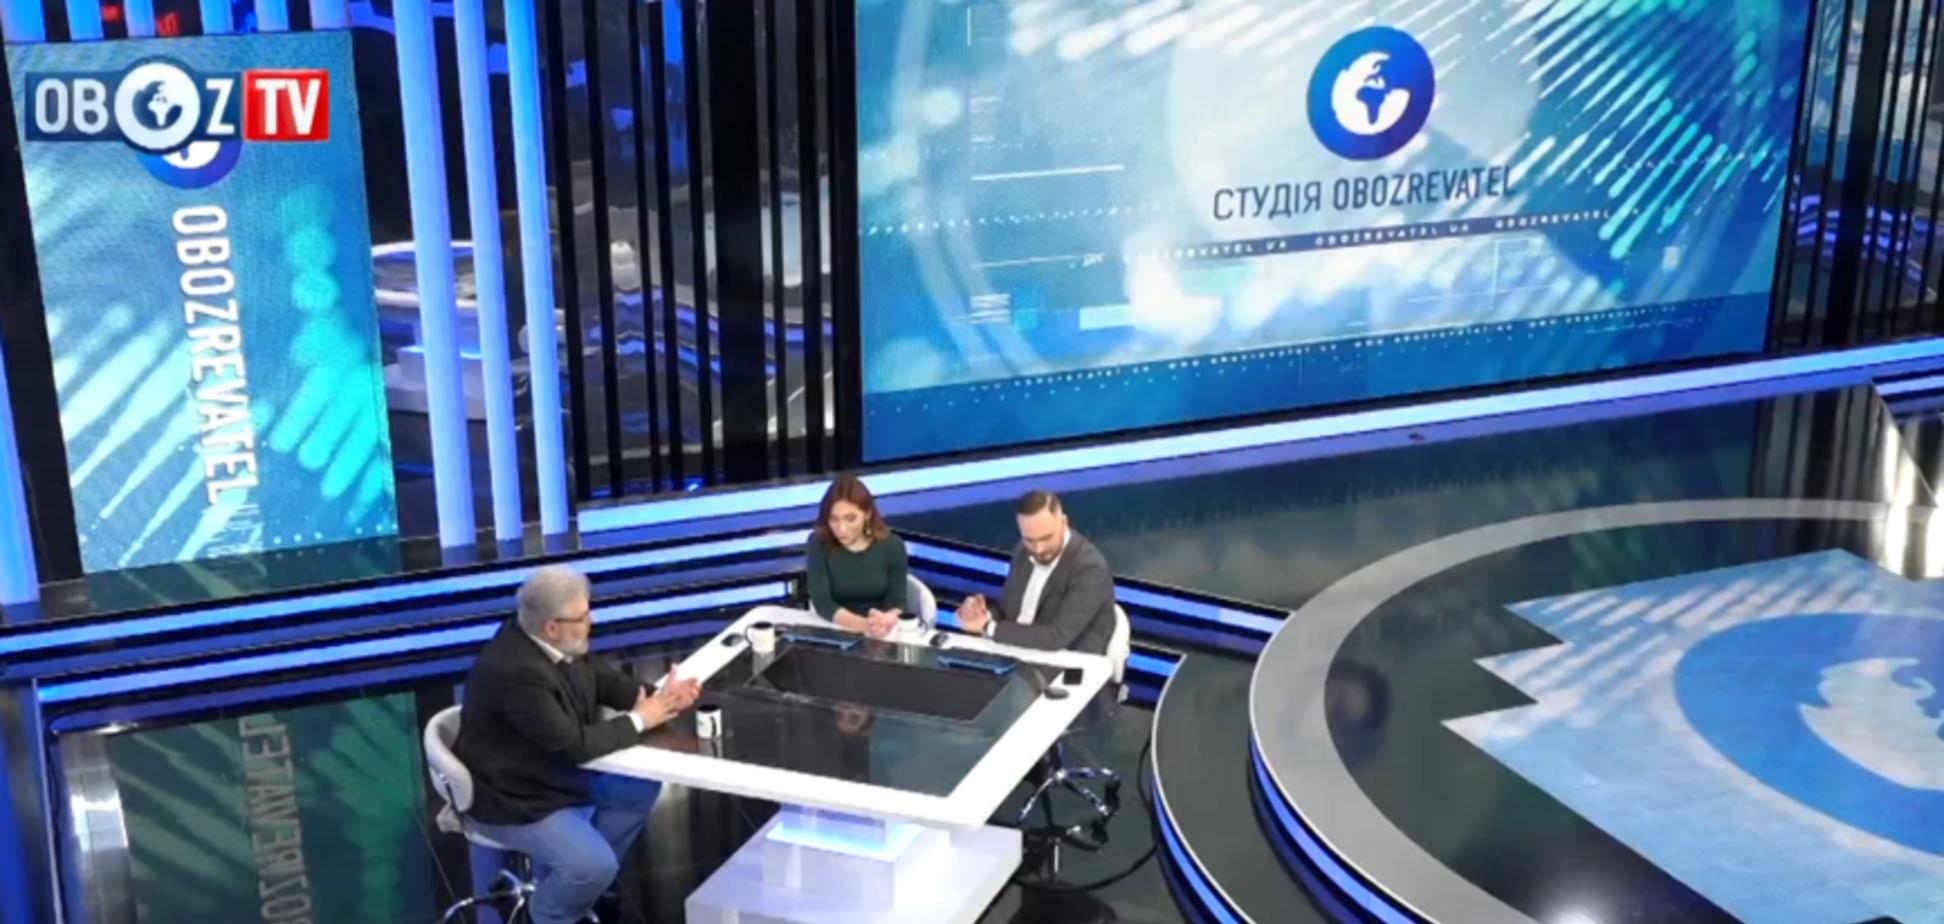 Ожидание украинцев от выборов: историк указал на тревожные симптомы